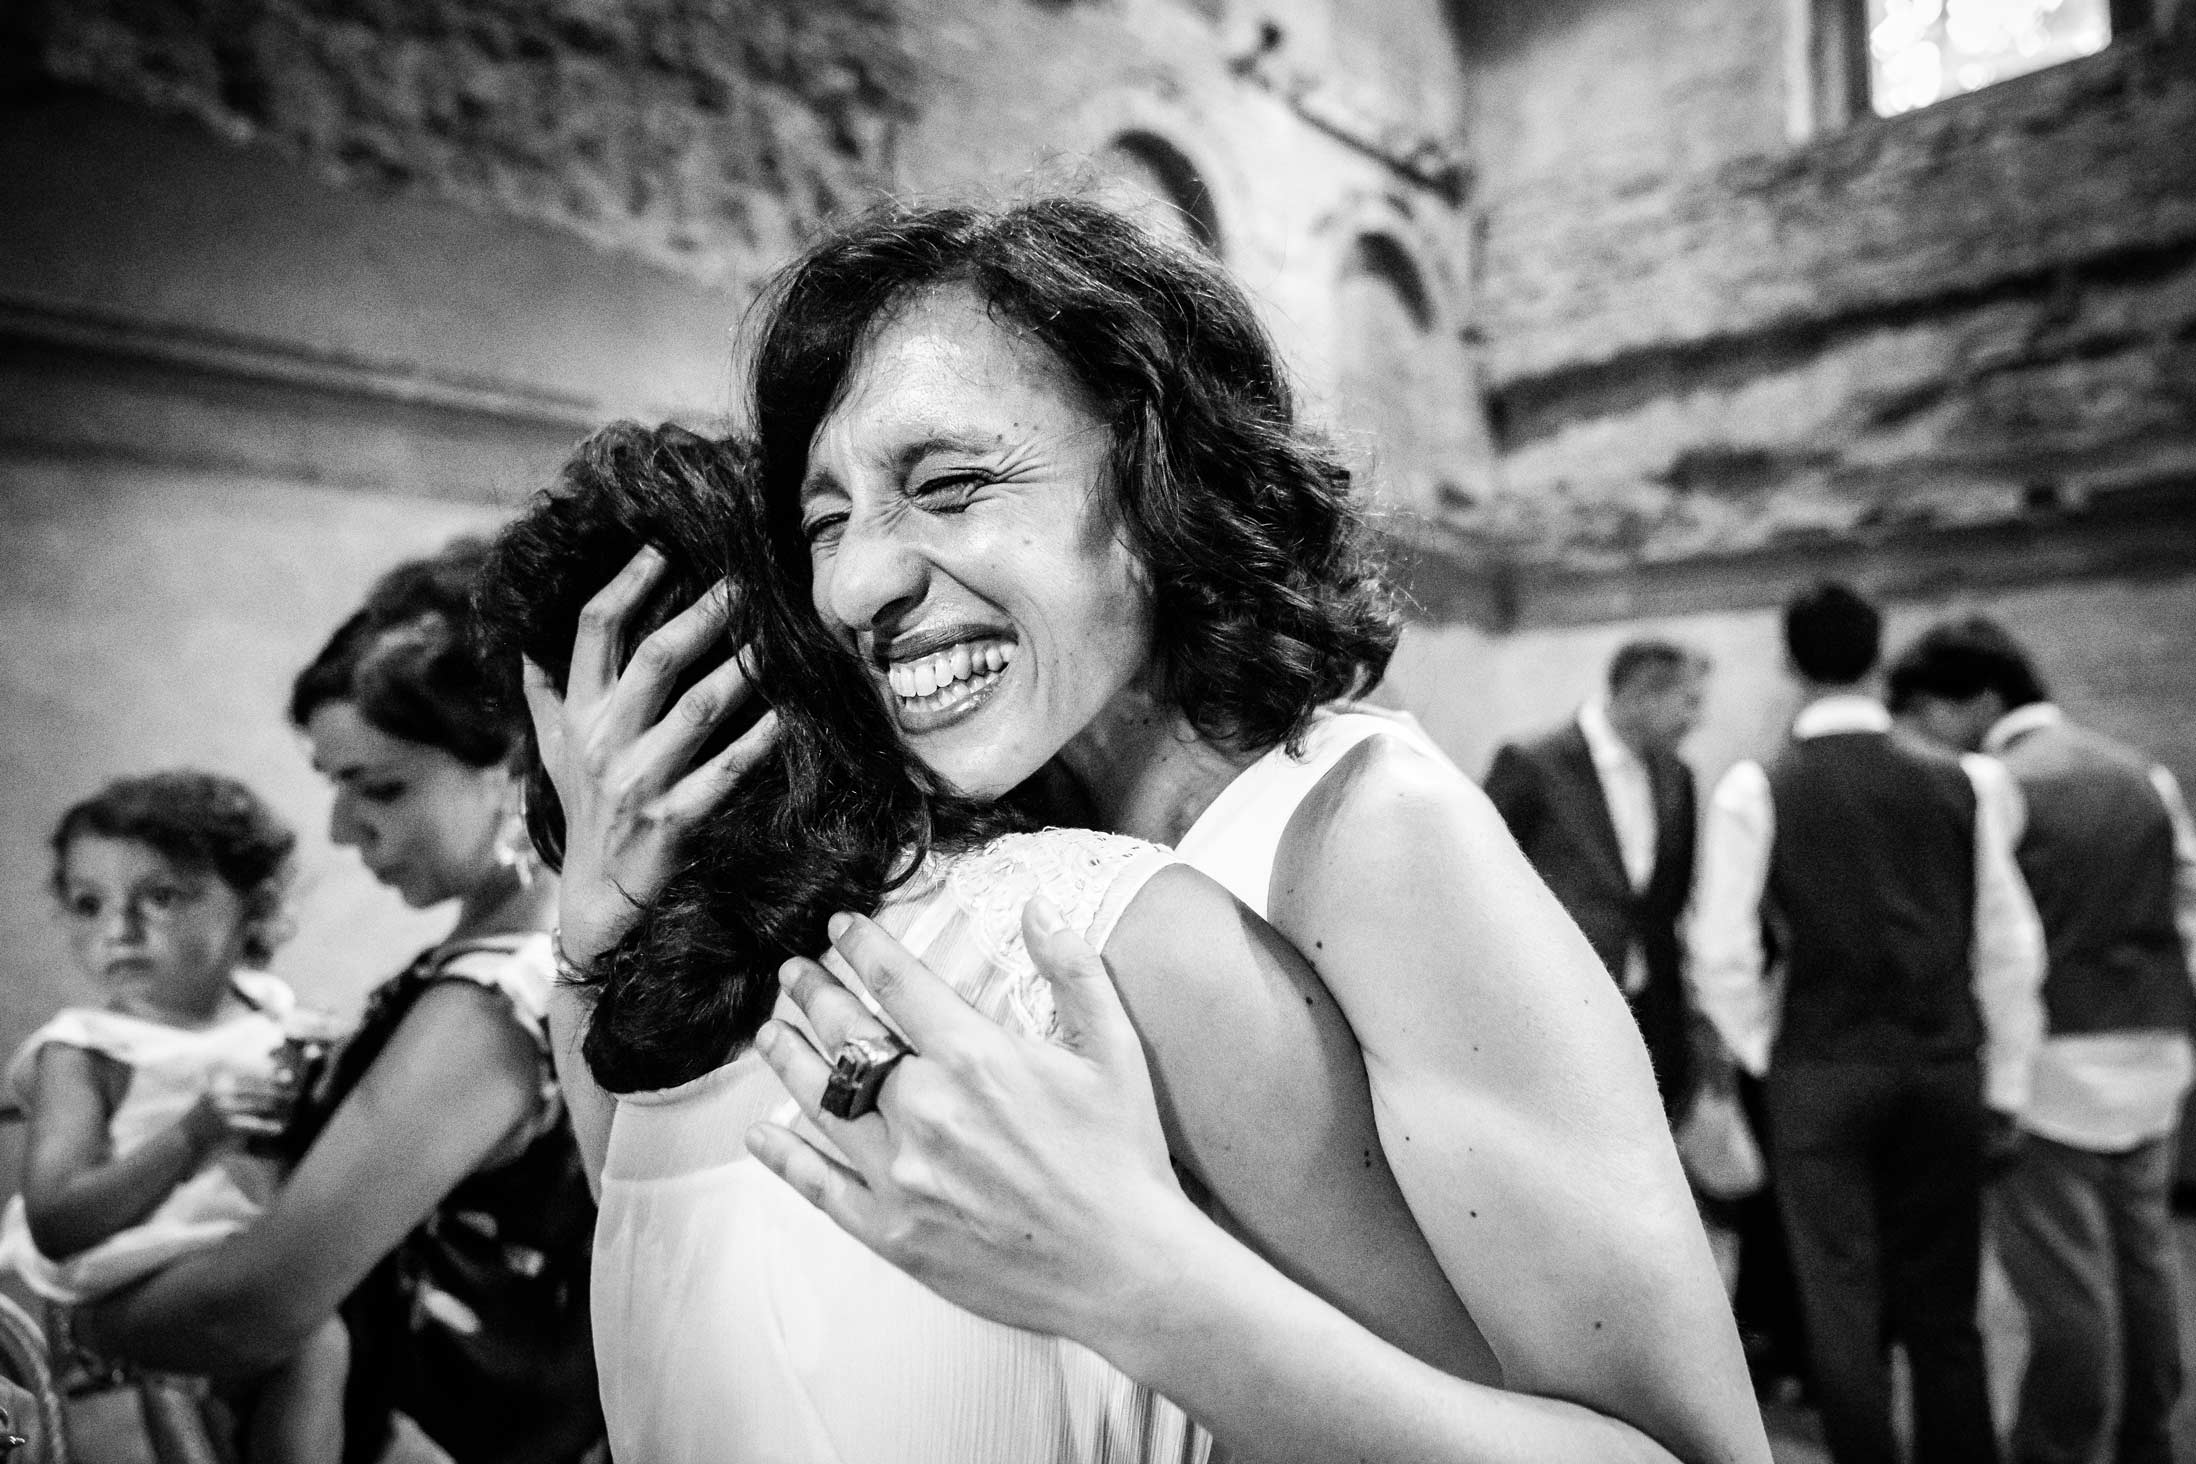 Reportage-Destination-Wedding-Italy-Ceremony